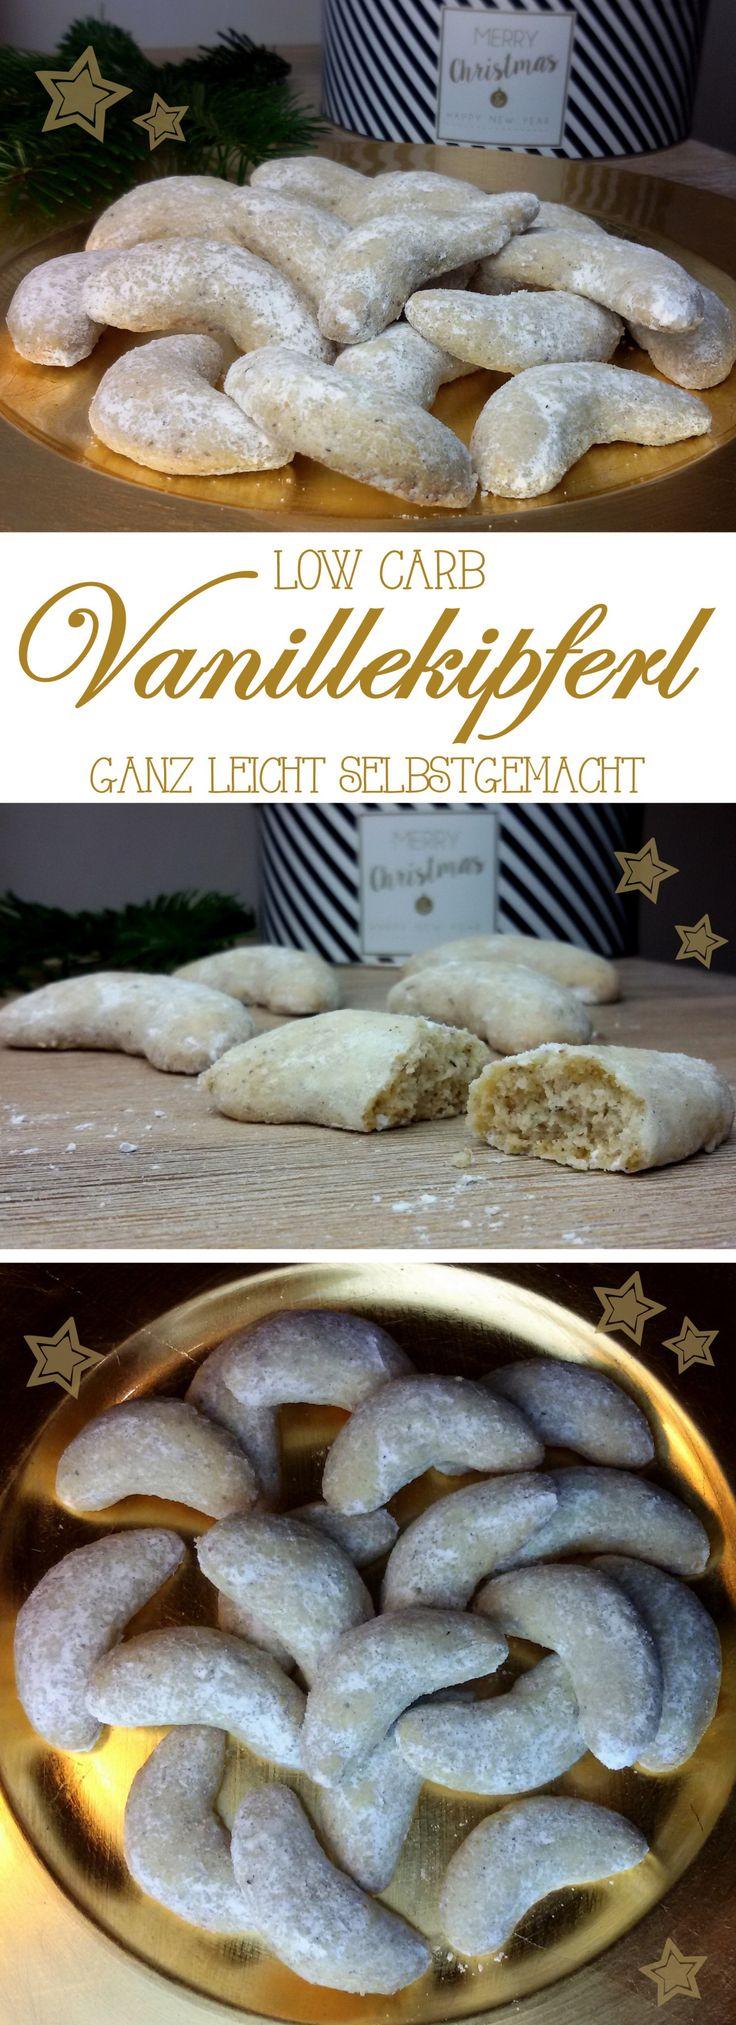 low carb feine Vanillekipferl …ganz leicht selbstgemacht Leckere Vanillekipferl gehören zur Adventszeit und zu Weihnachten einfach auf den Plätzchenteller. Diese hier haben nur wenig Kohlenhydrate und dürfen uns die Weihnachtszeit versüßen. Zutaten für ca. 26 Stück 100 g * Mandelmehl 60 g gemahlene Mandeln 1/2 TL Backpulver 1 TL * Sonnentor Vanillepulver 1 Prise Salz 50 g * Xylit (fein) + 1 EL zum Bestäuben 100 g Butter 2 Eigelb #abnehmen #low carb #lowcarb #LCHF #Plätzchen #Weihnachten…